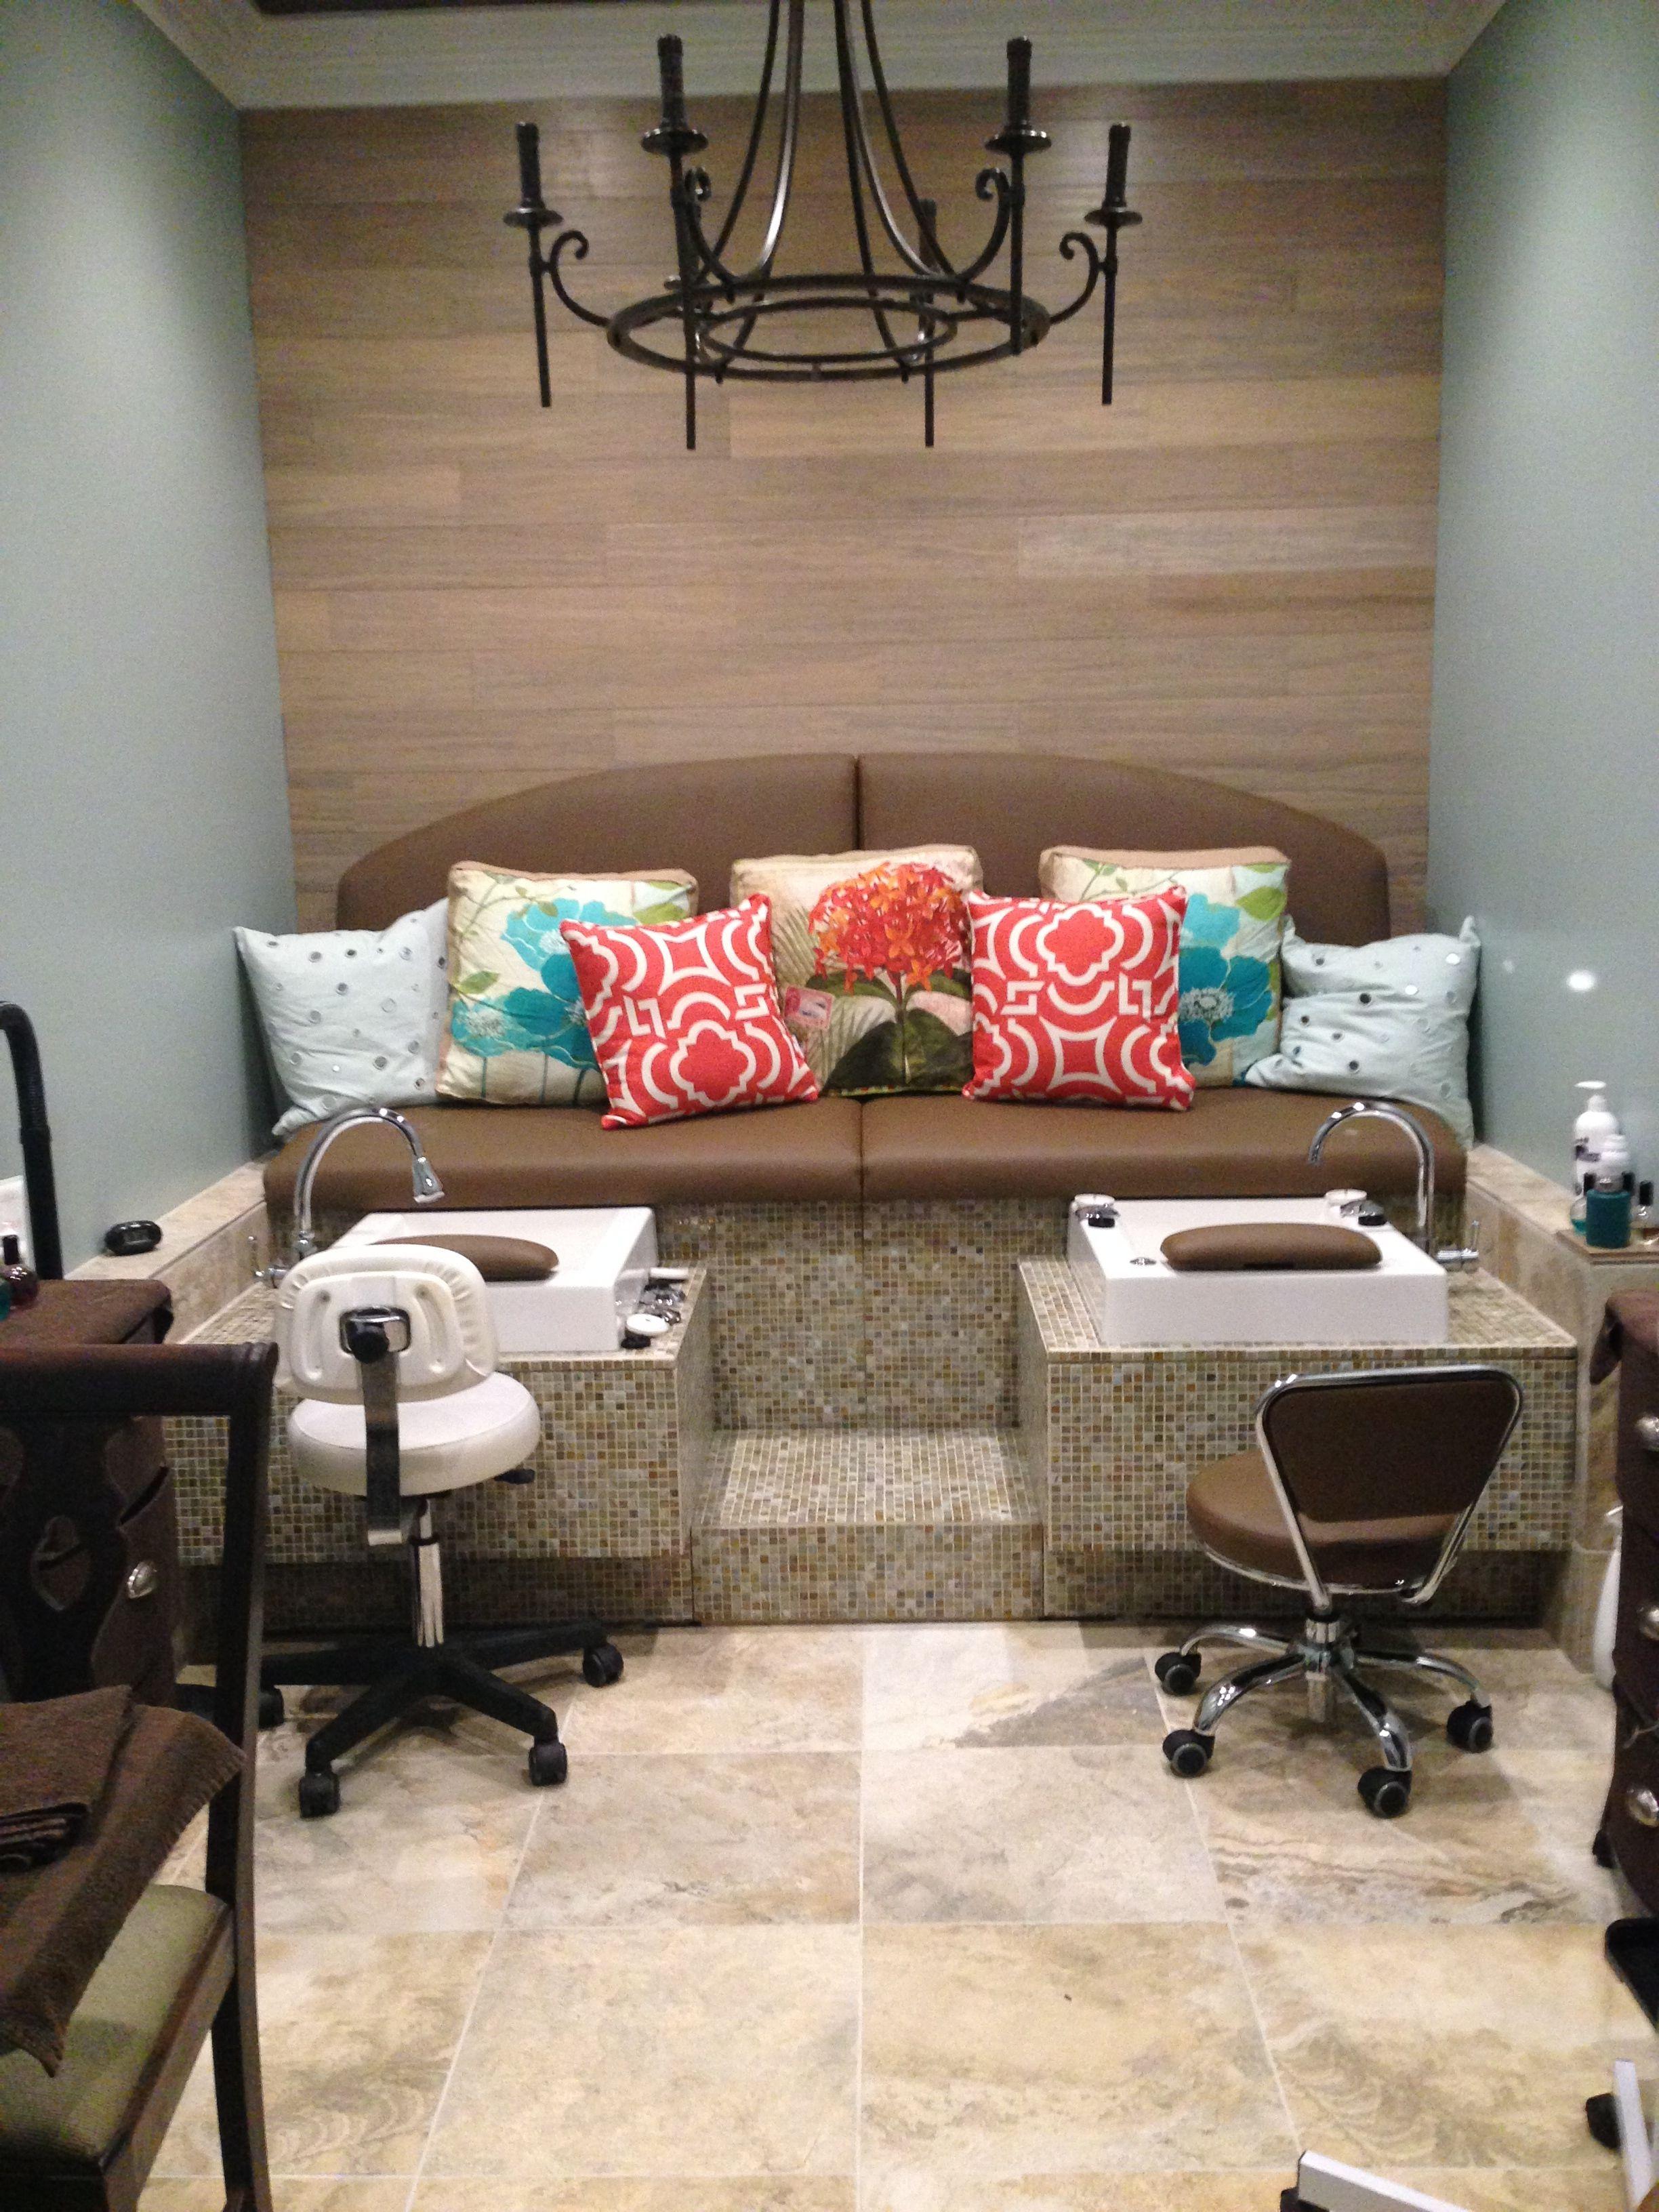 Warp And Weft Pedicure Bench With Purjet Sinks Sala De Unas Salon De Unas Decoracion De Salon De Belleza